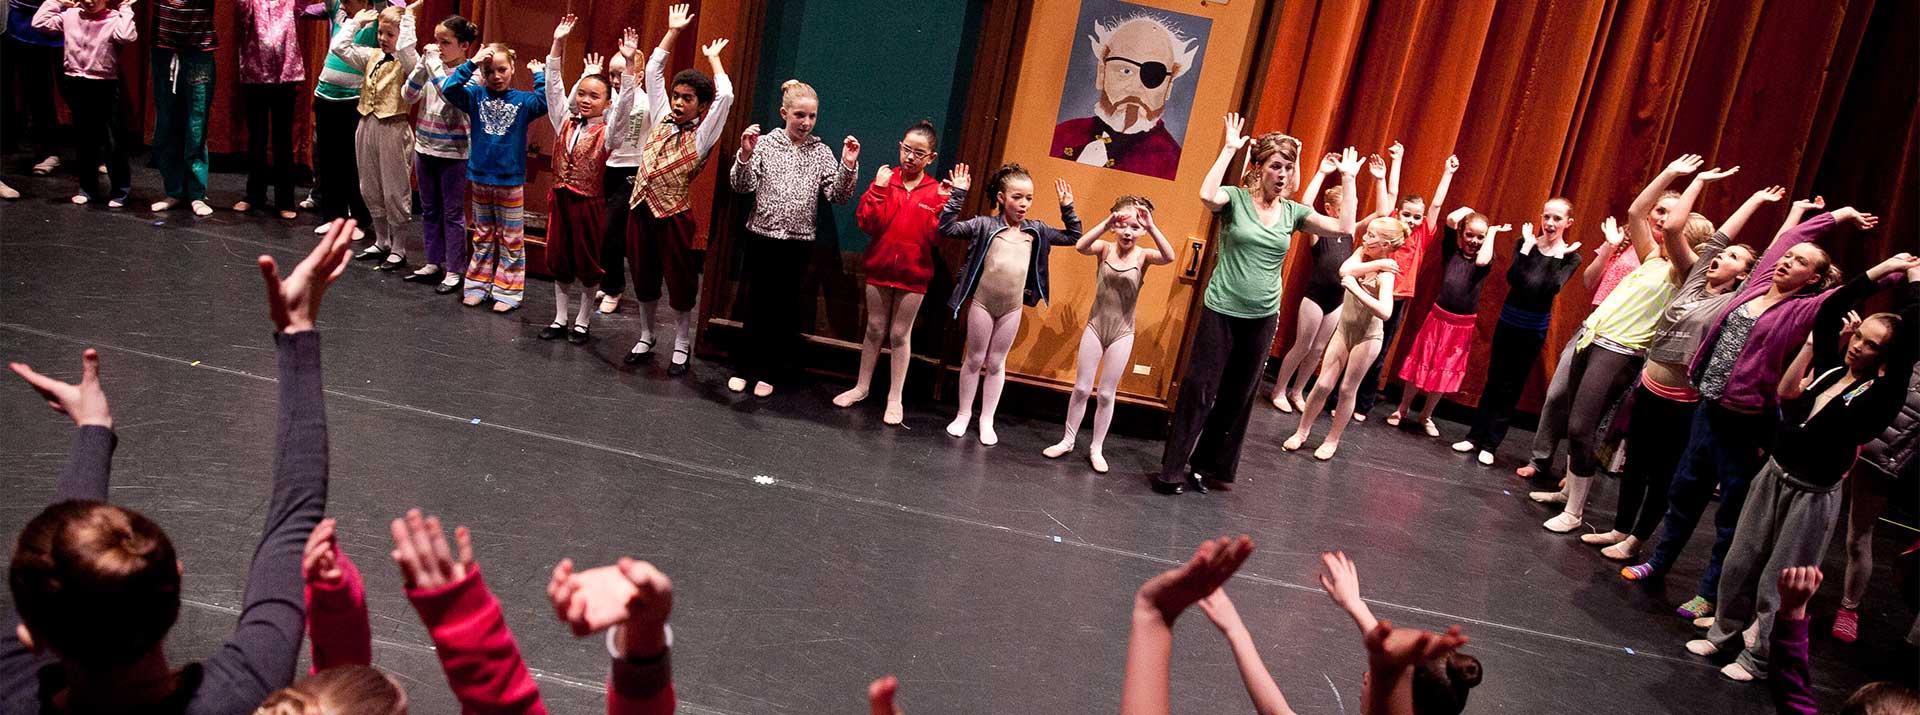 Testimonials - dancers in room